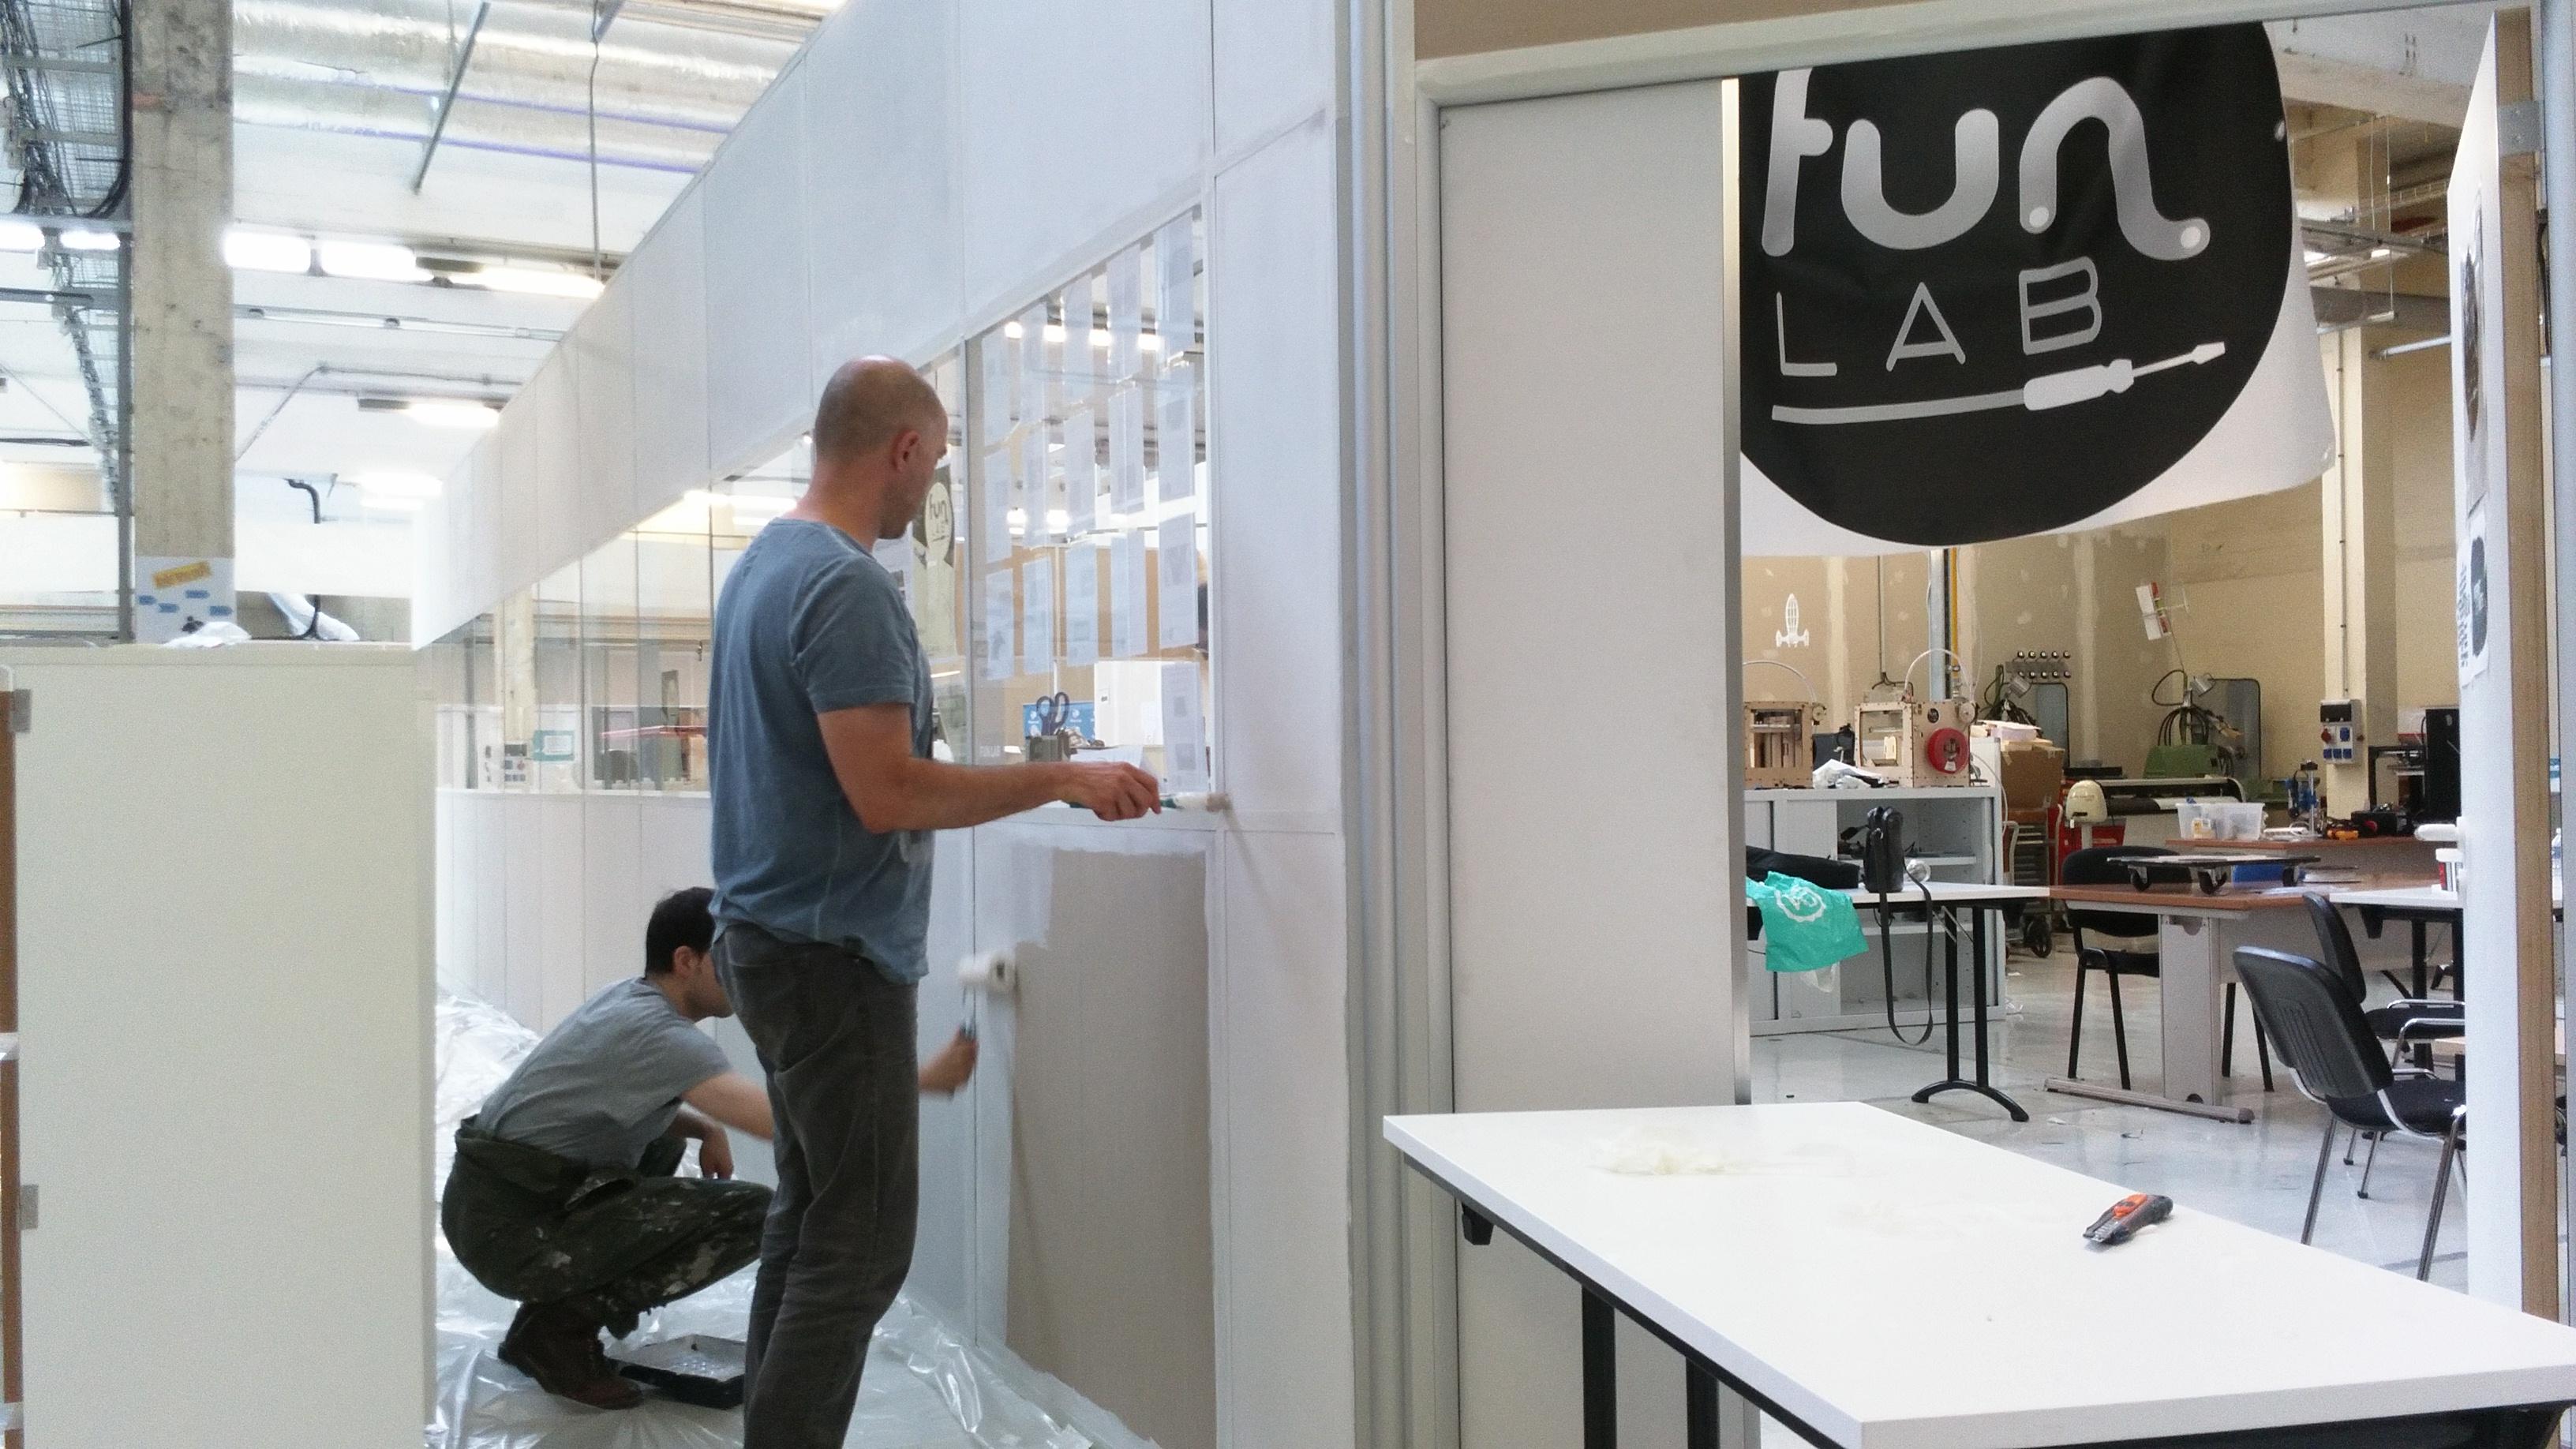 le funlab de tours prototype son nouveau fablab makery. Black Bedroom Furniture Sets. Home Design Ideas